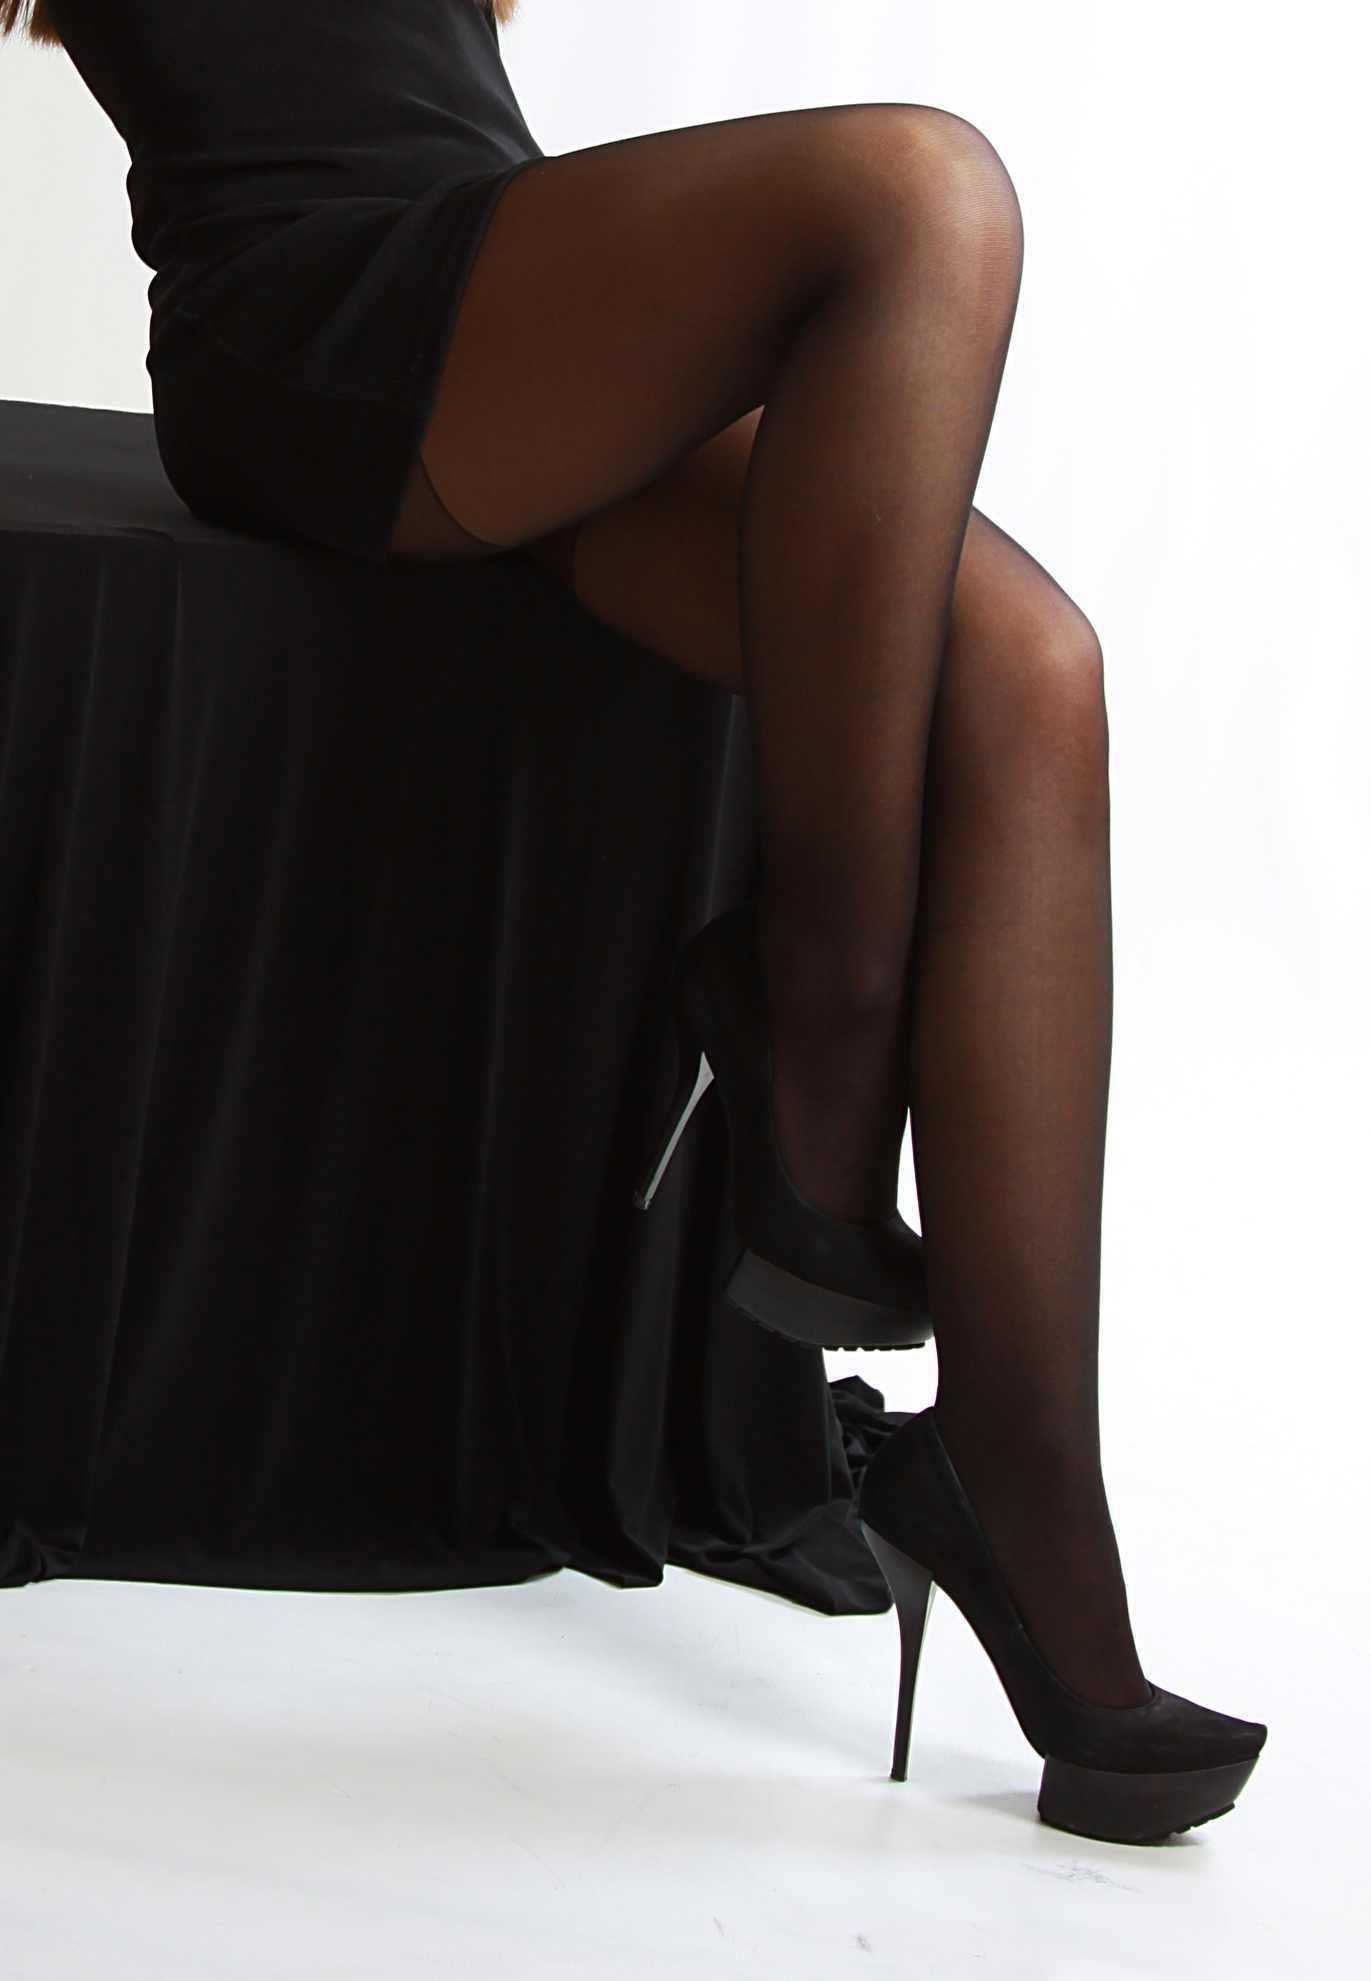 Сексуальные ножки в чулках фото 324-708